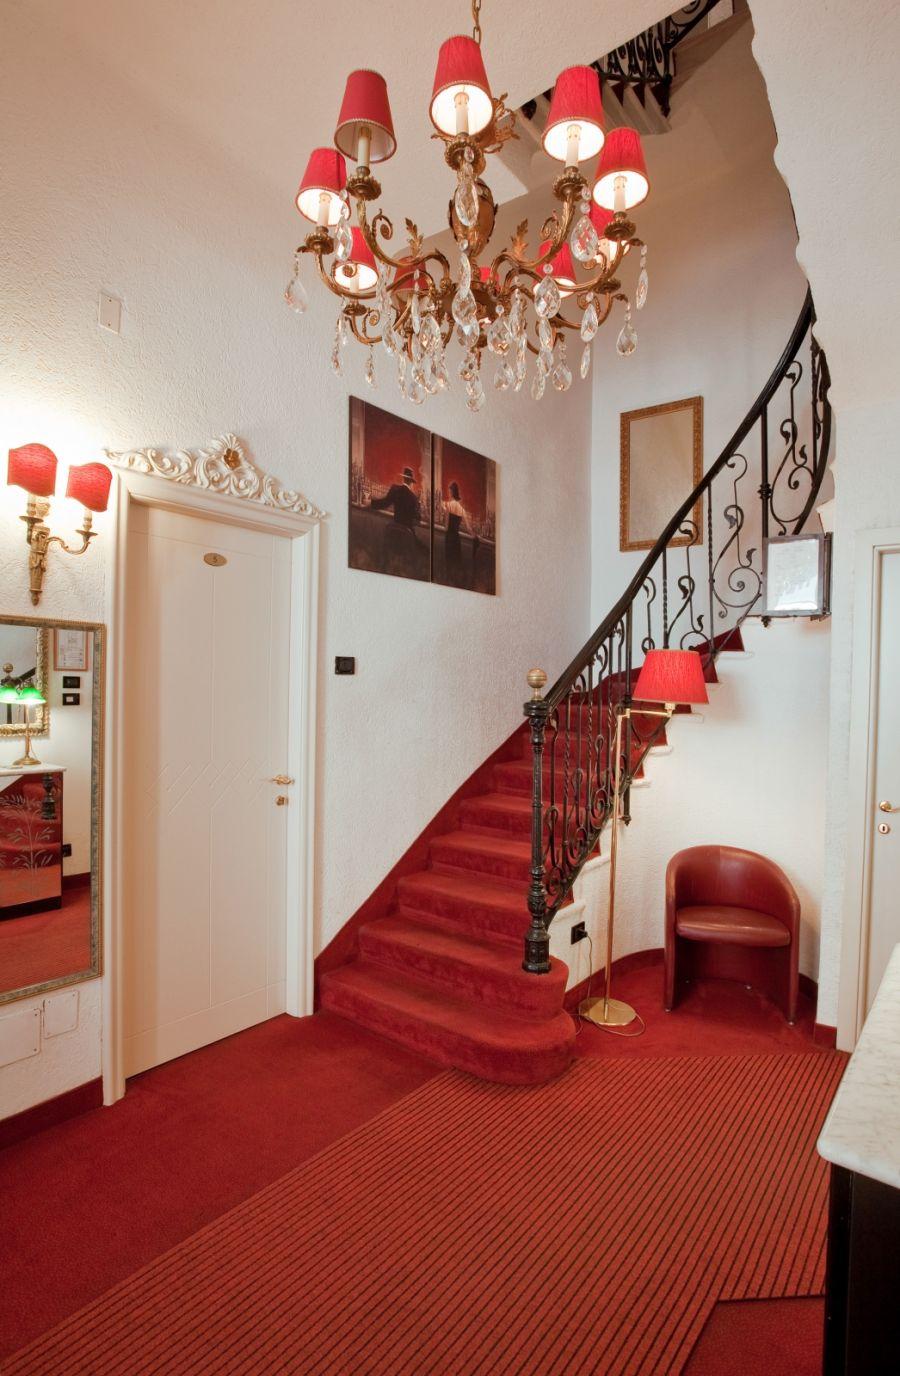 Hotel charly milano l hotel charly a milano rappresenta un for Hotel milano centro economici